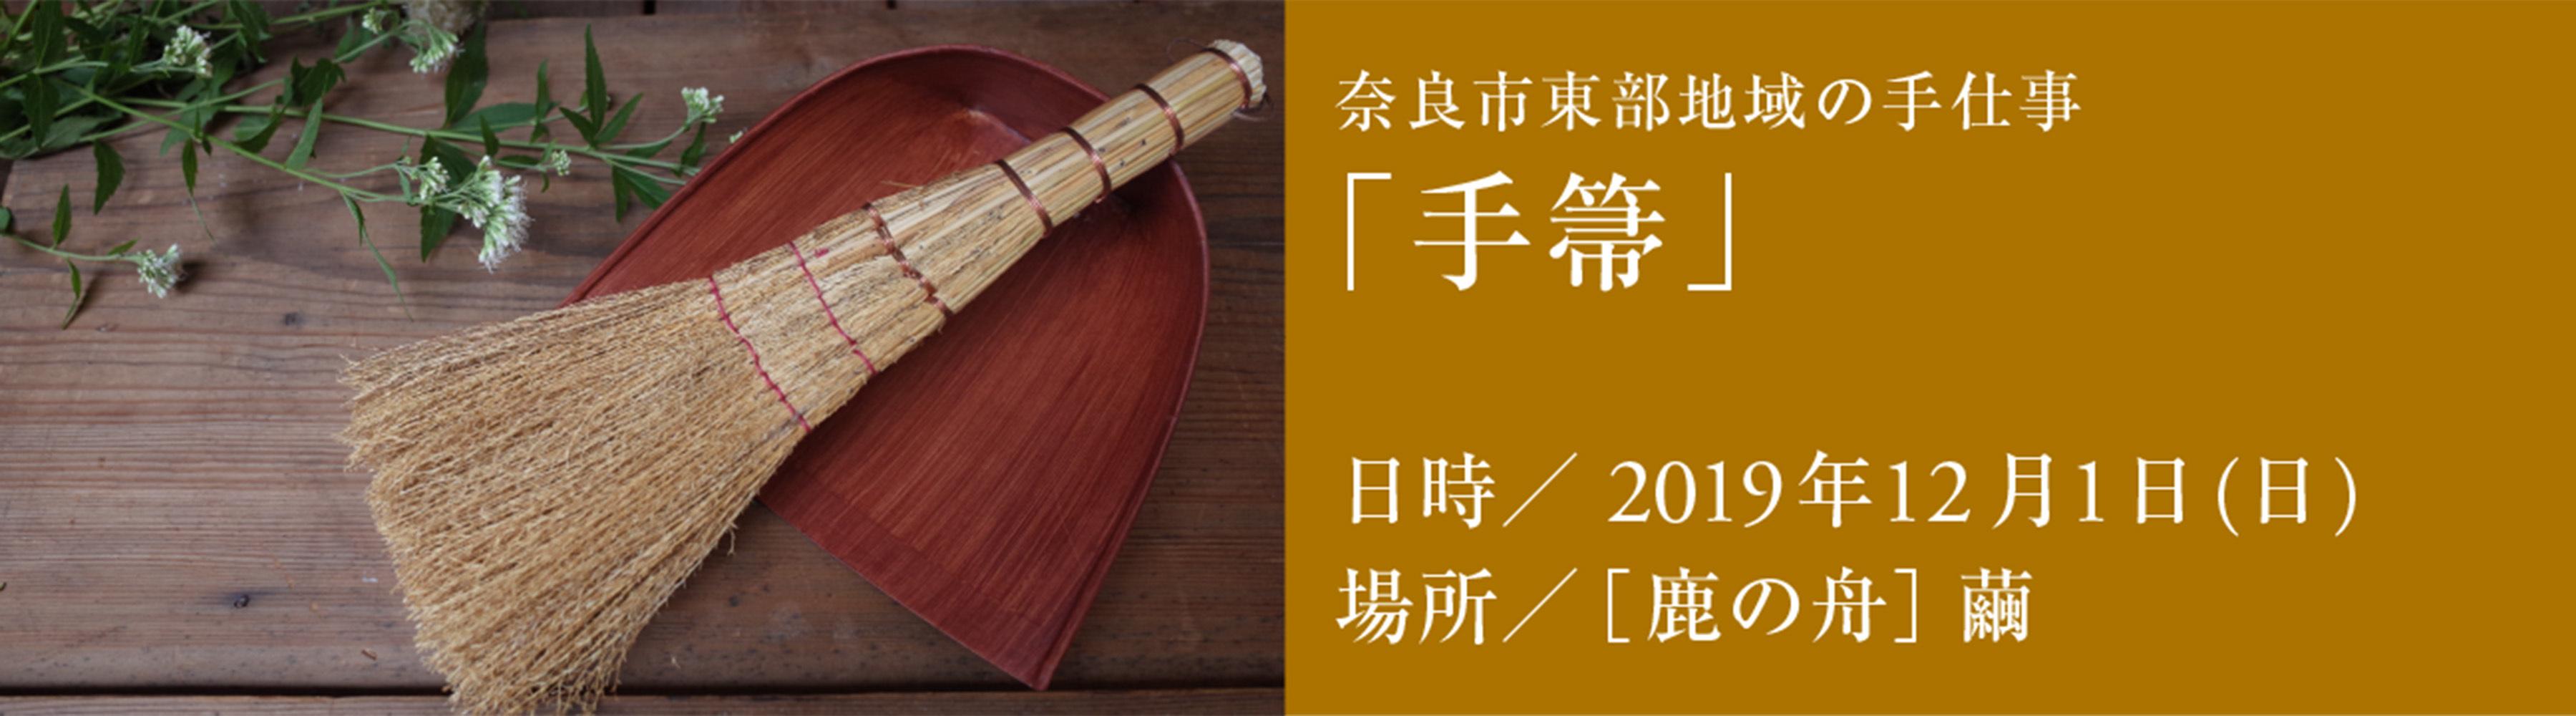 奈良市東部地域の手仕事「手箒」